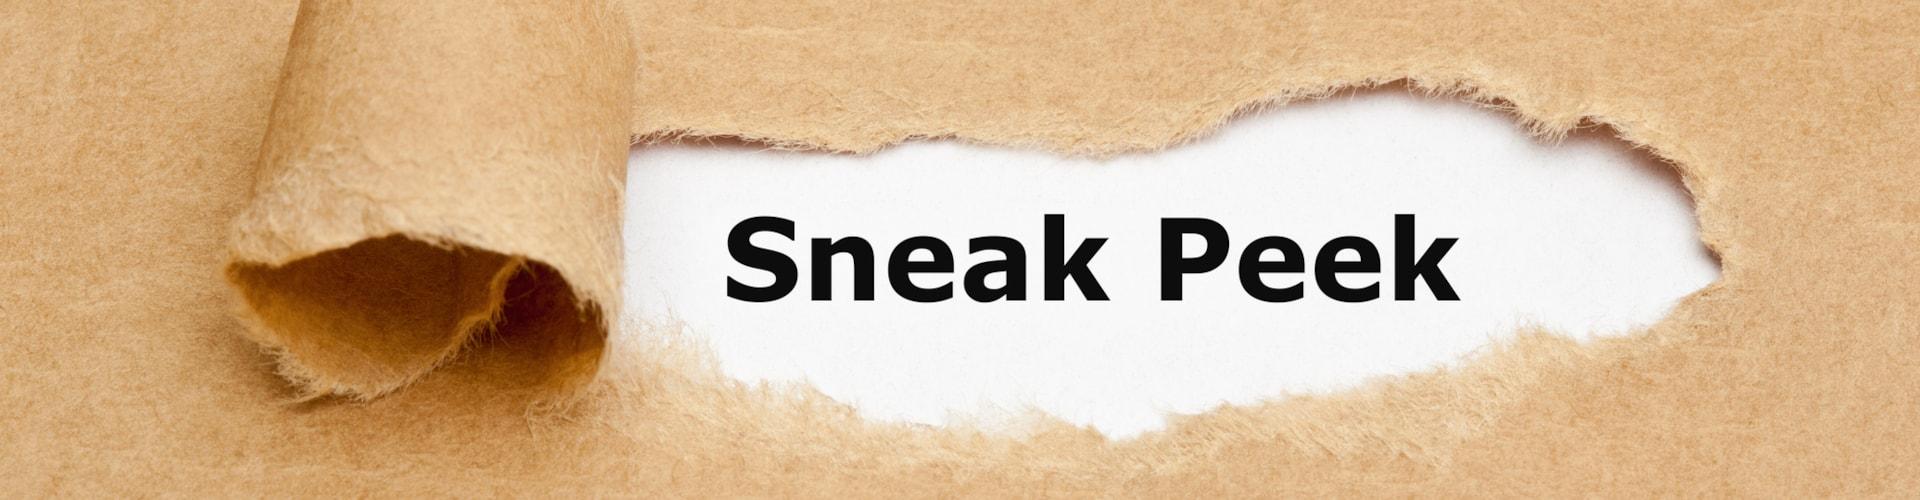 Sneak-Peak.jpg